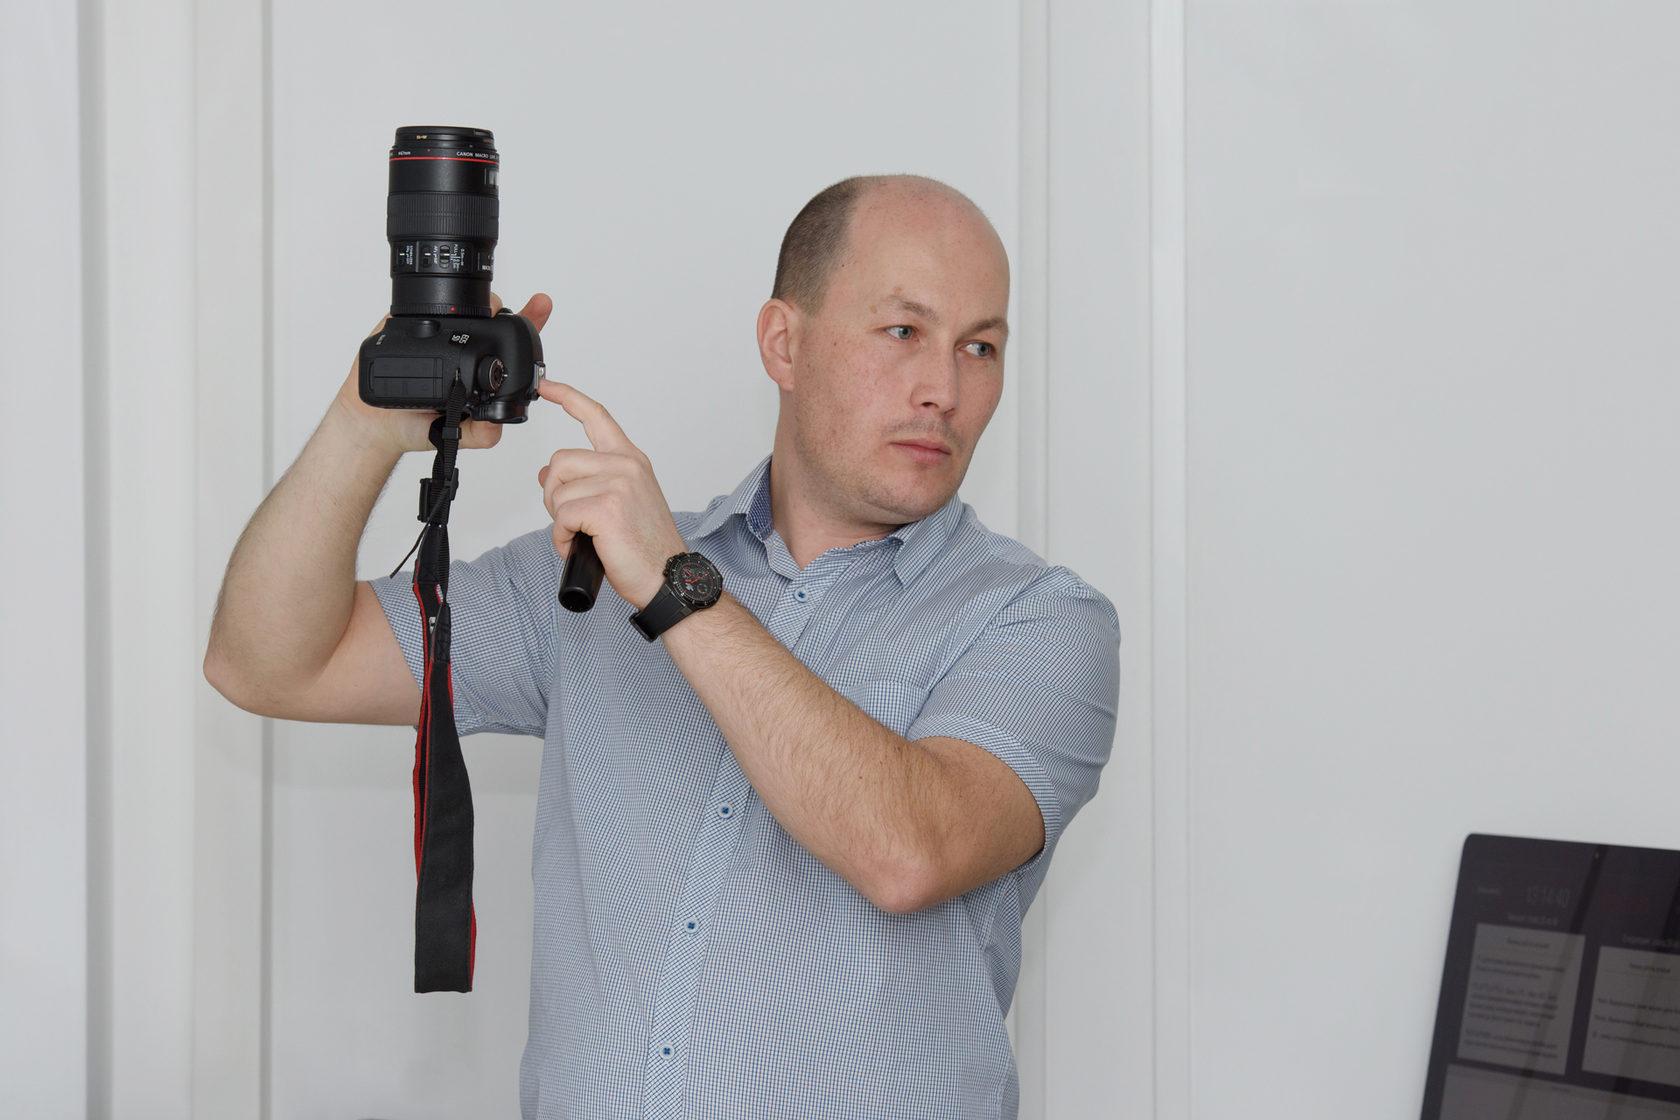 цукерберг очень обучающие курсы фотографии в спб это именно модель